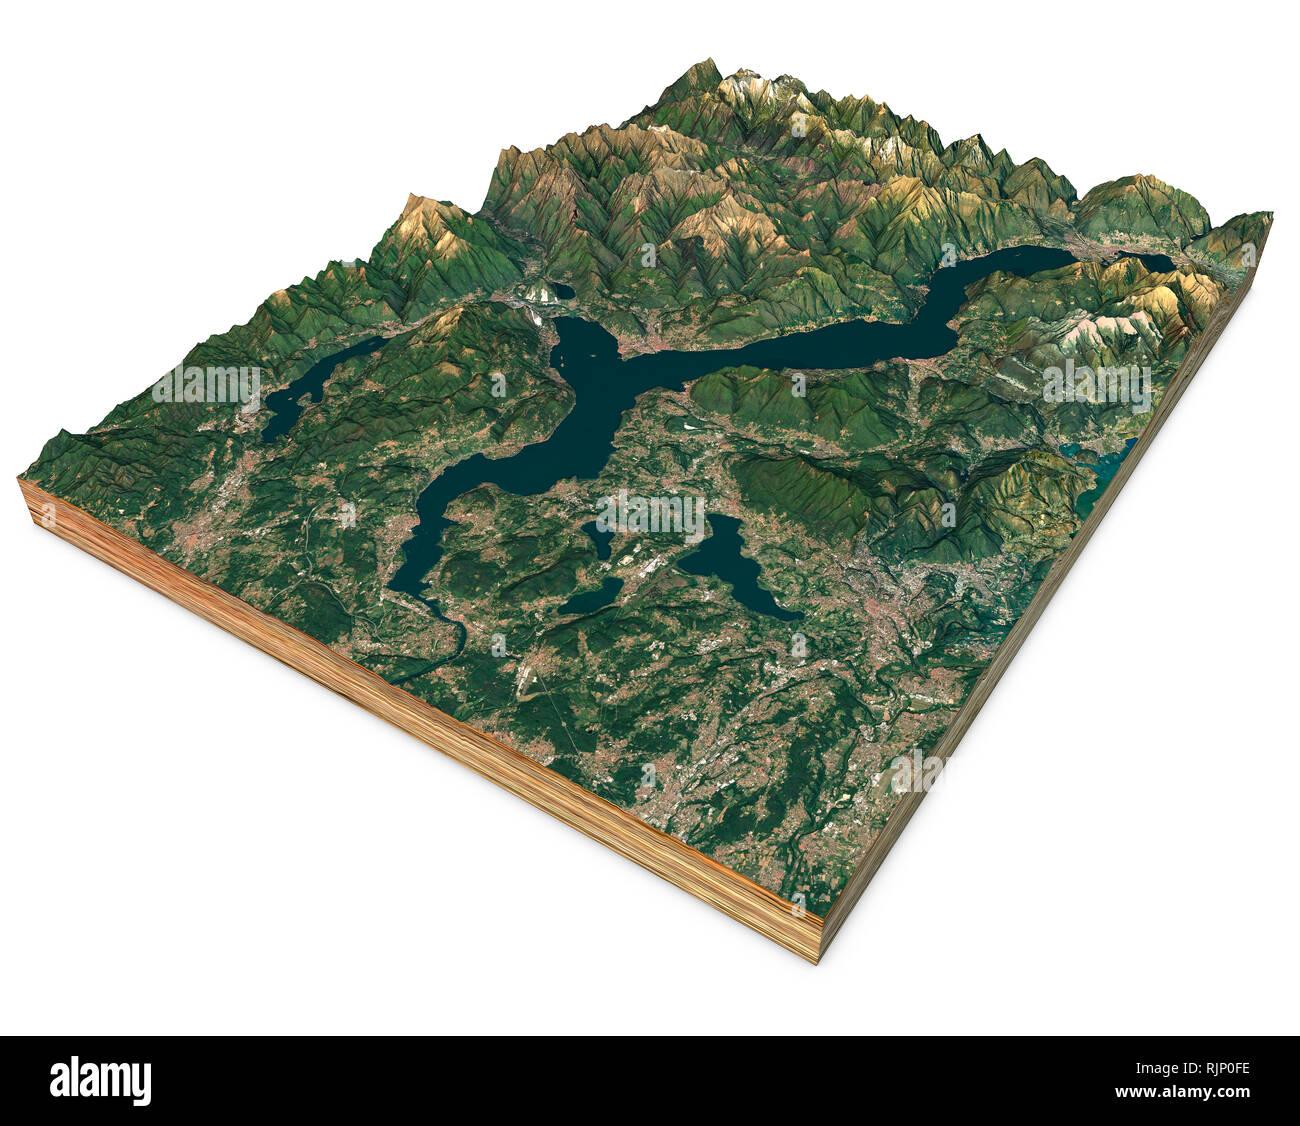 Cartina Geografica Del Lago Maggiore.Vista Satellitare Del Lago Maggiore Mappa Montagne E Rilievi 3d Sezione Il Rendering 3d Lombardia Piemonte L Italia Foto Stock Alamy